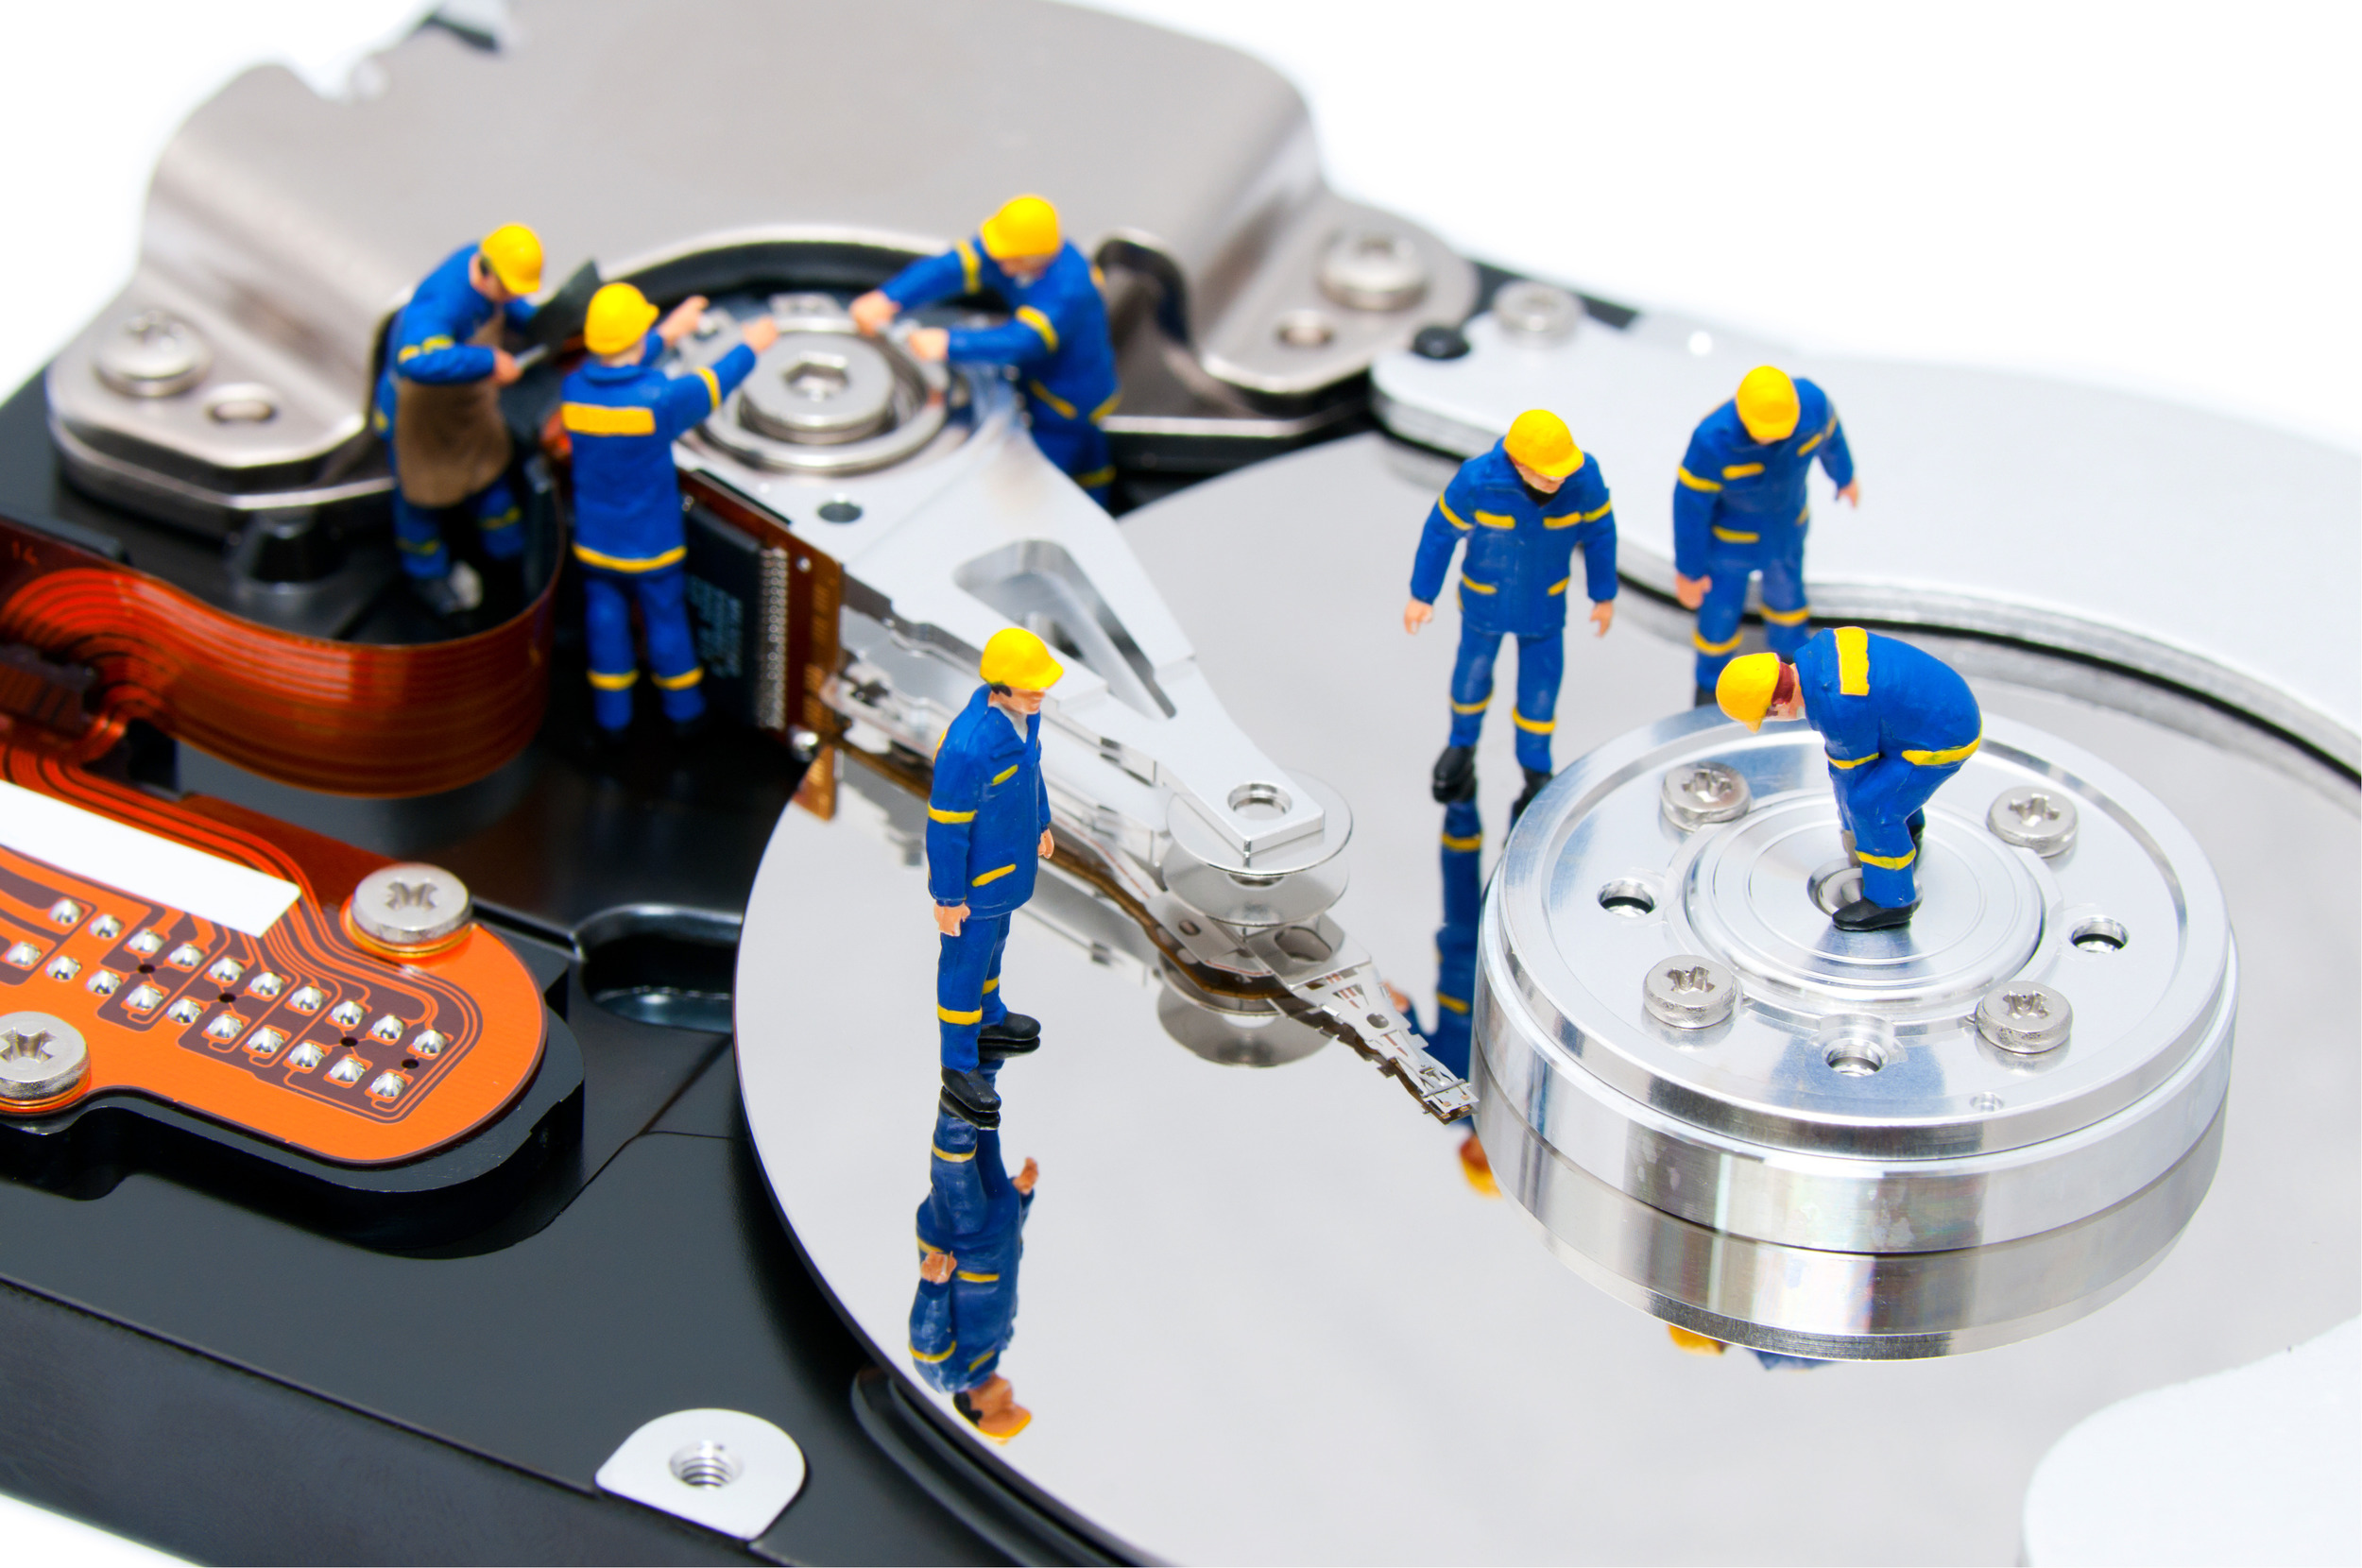 hard-disk-repair-concept_MJjbeKCO.jpg